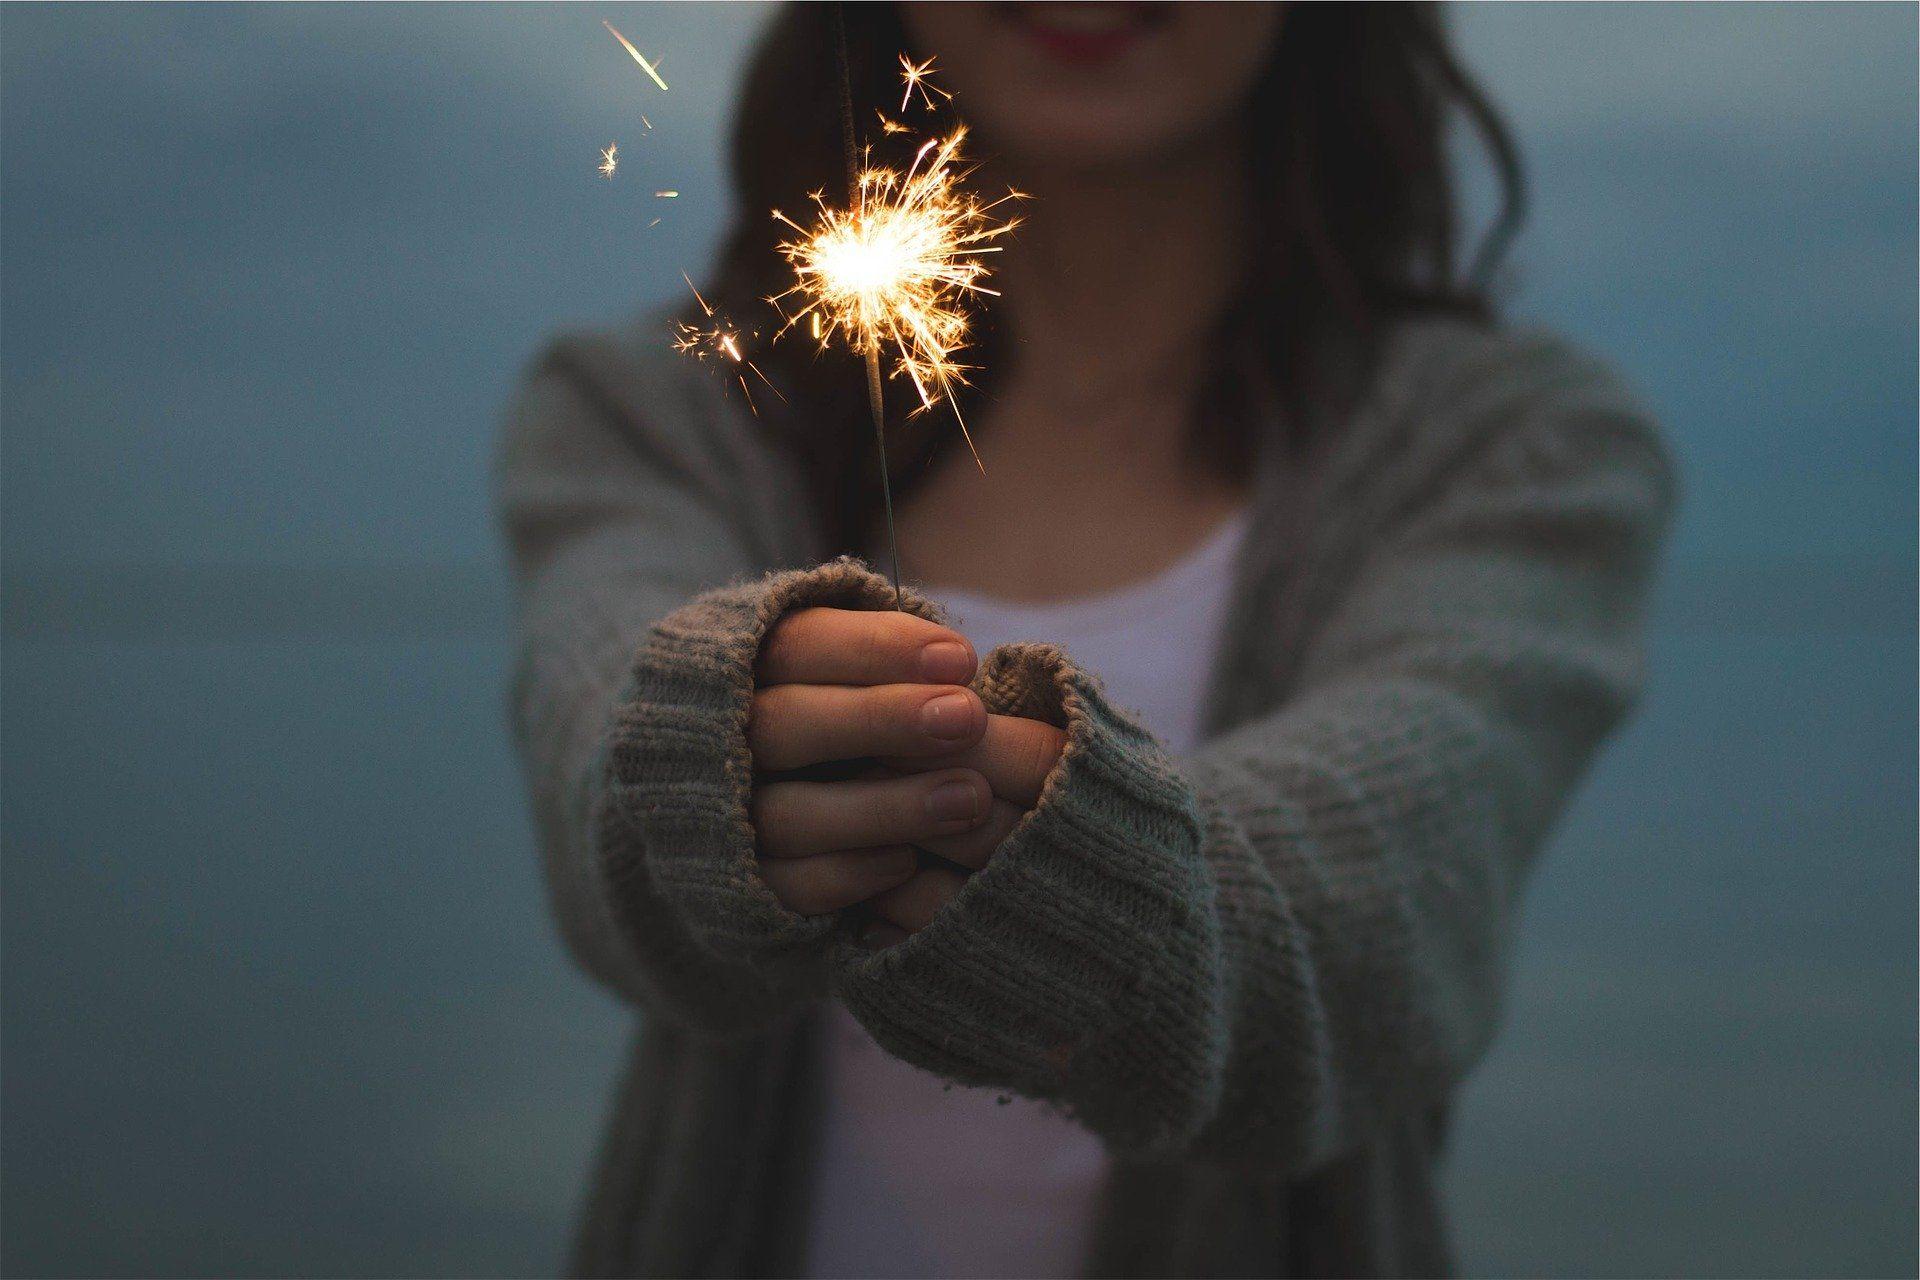 Ein Mädchen hält eine Wunderkerze in den Händen.